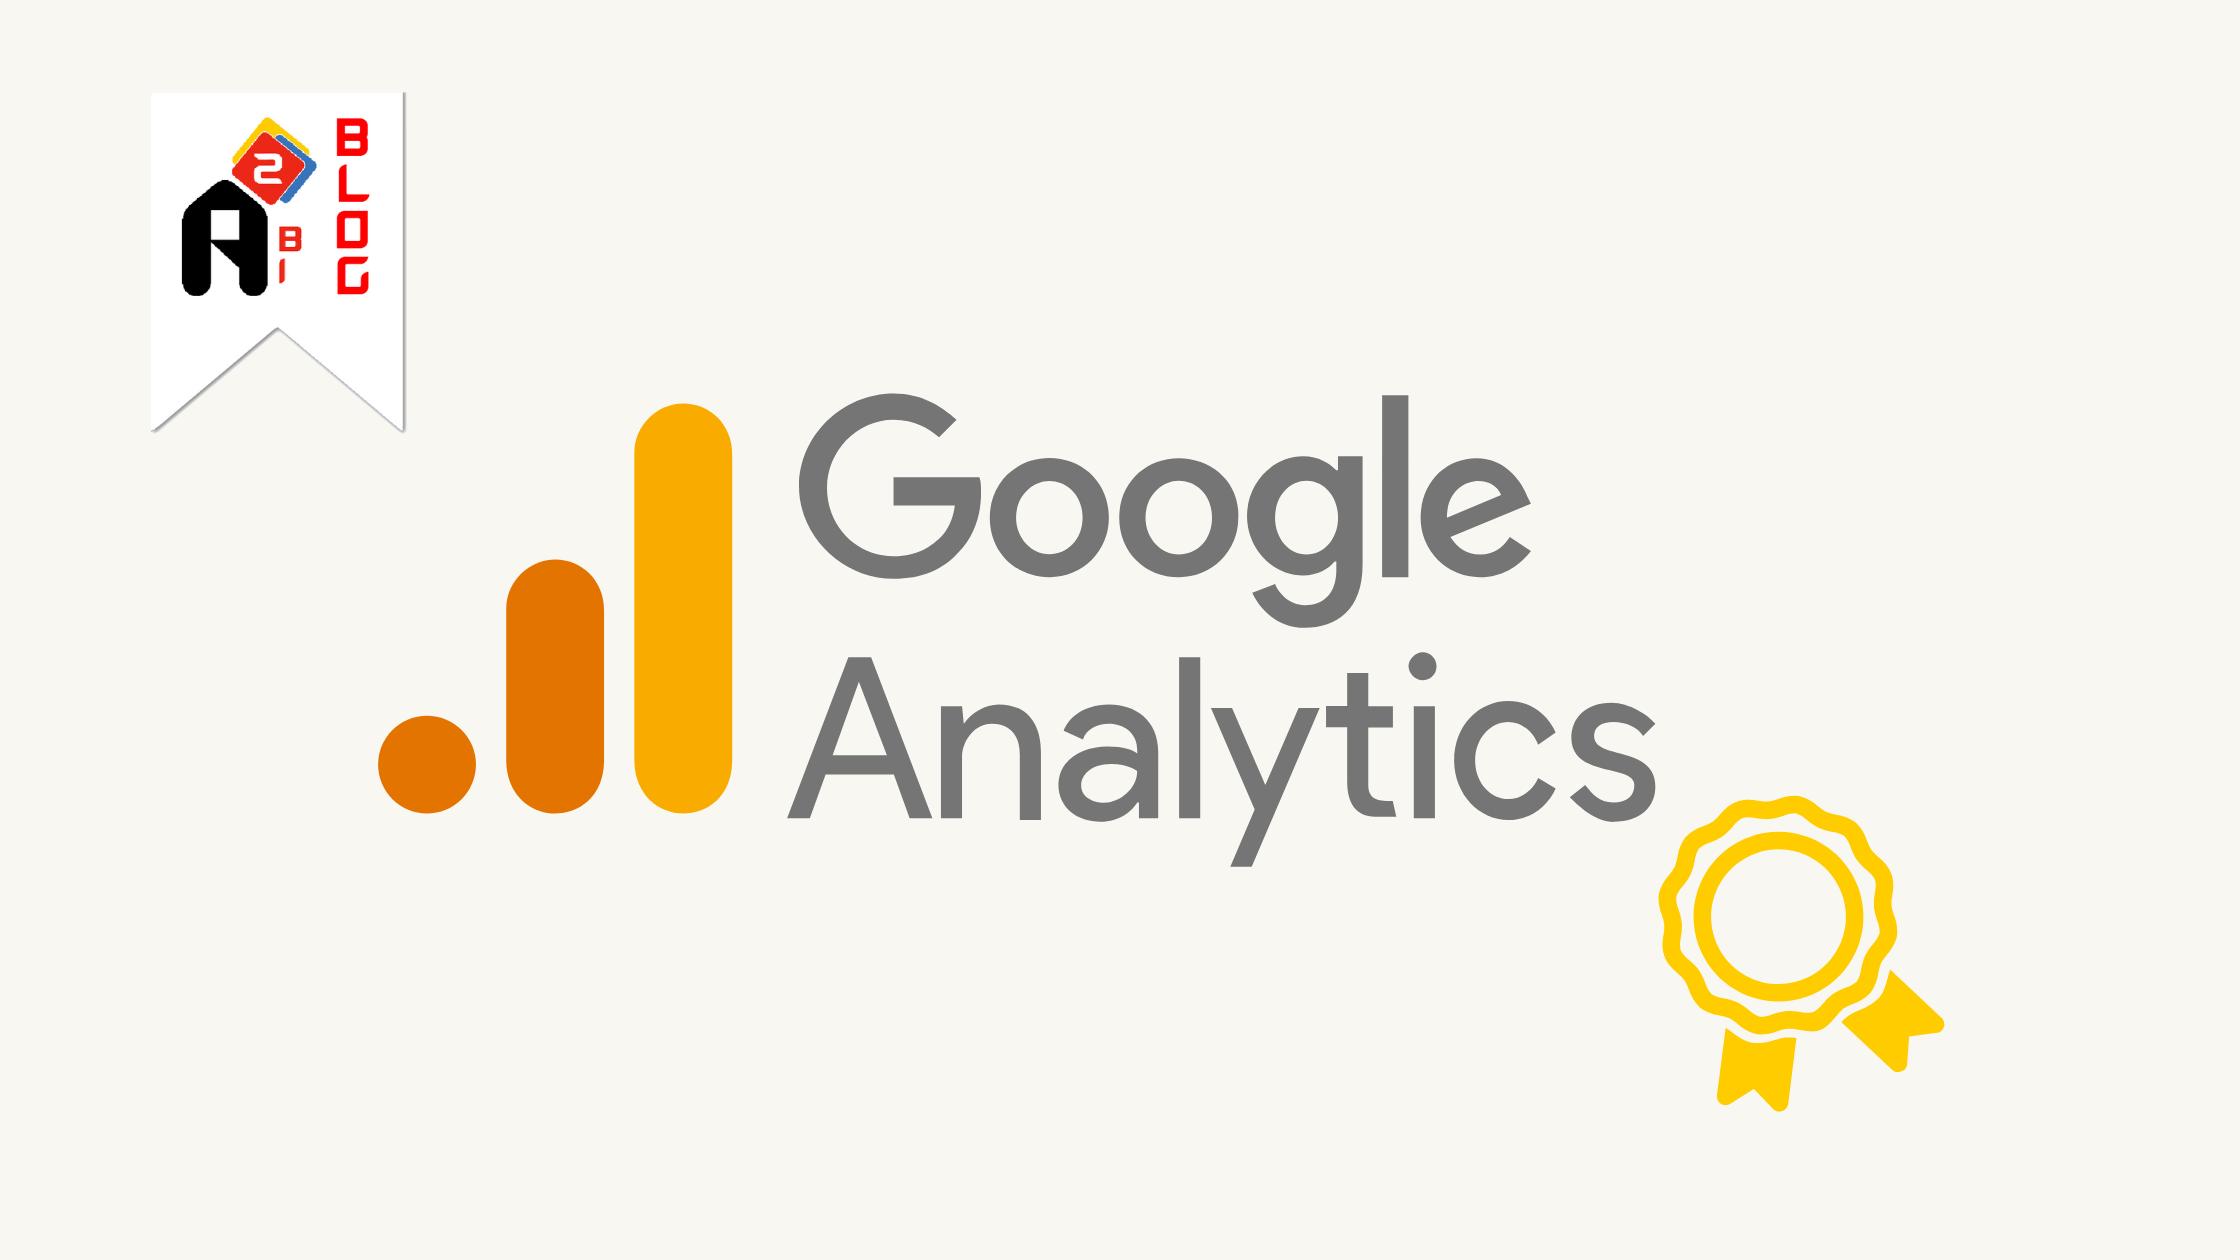 Como tirar a Certificação do Google Analytics?